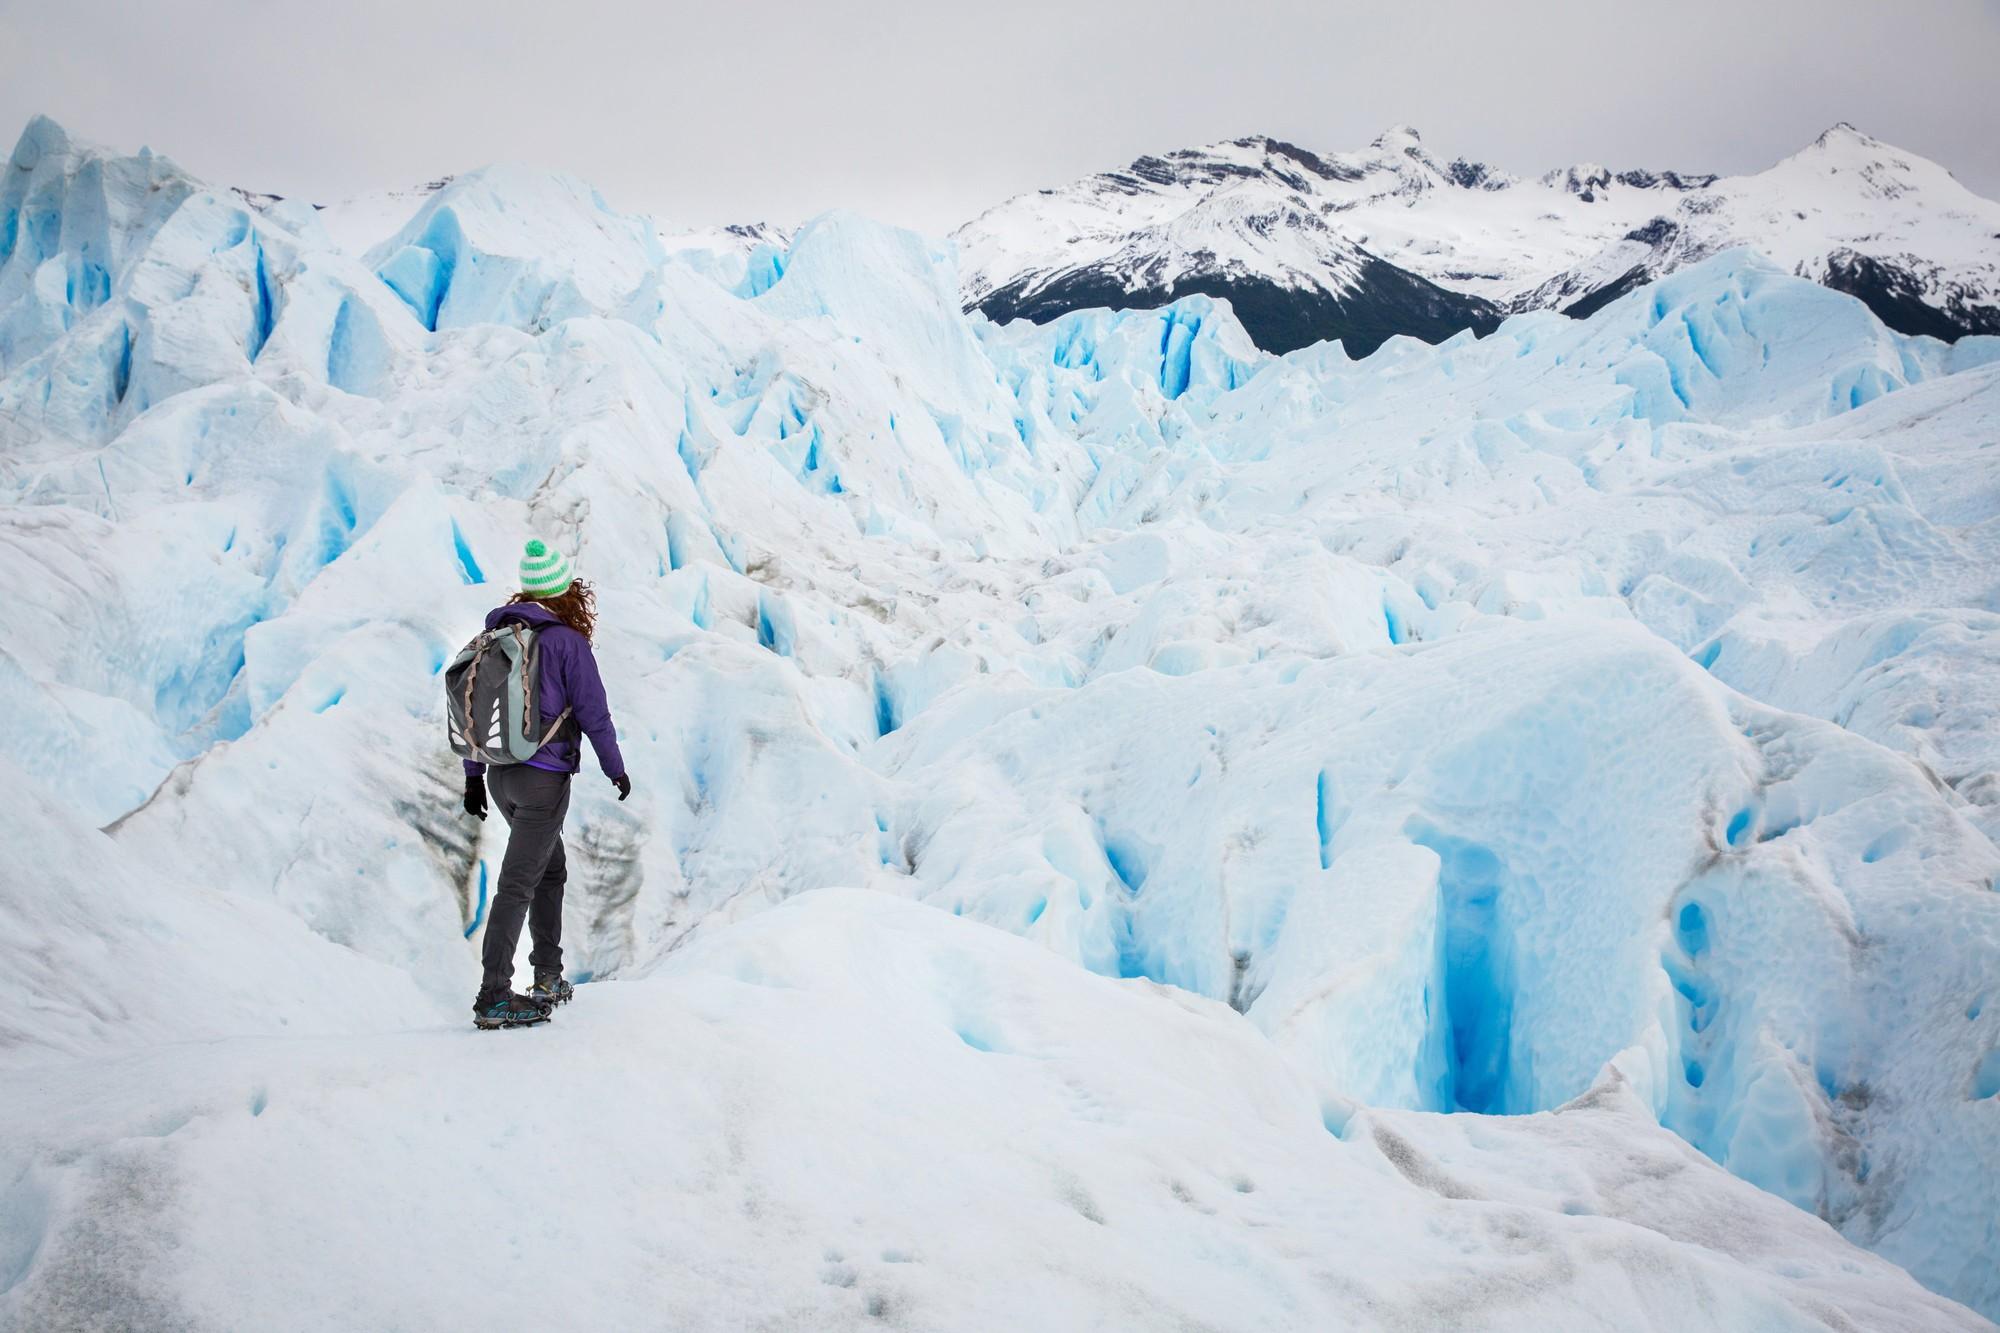 Cực độc tảng băng ngọc lục bảo tuyệt mỹ ở Nam Cực: Phải may mắn lắm mới có thể bắt gặp khoảnh khắc này! - Ảnh 6.